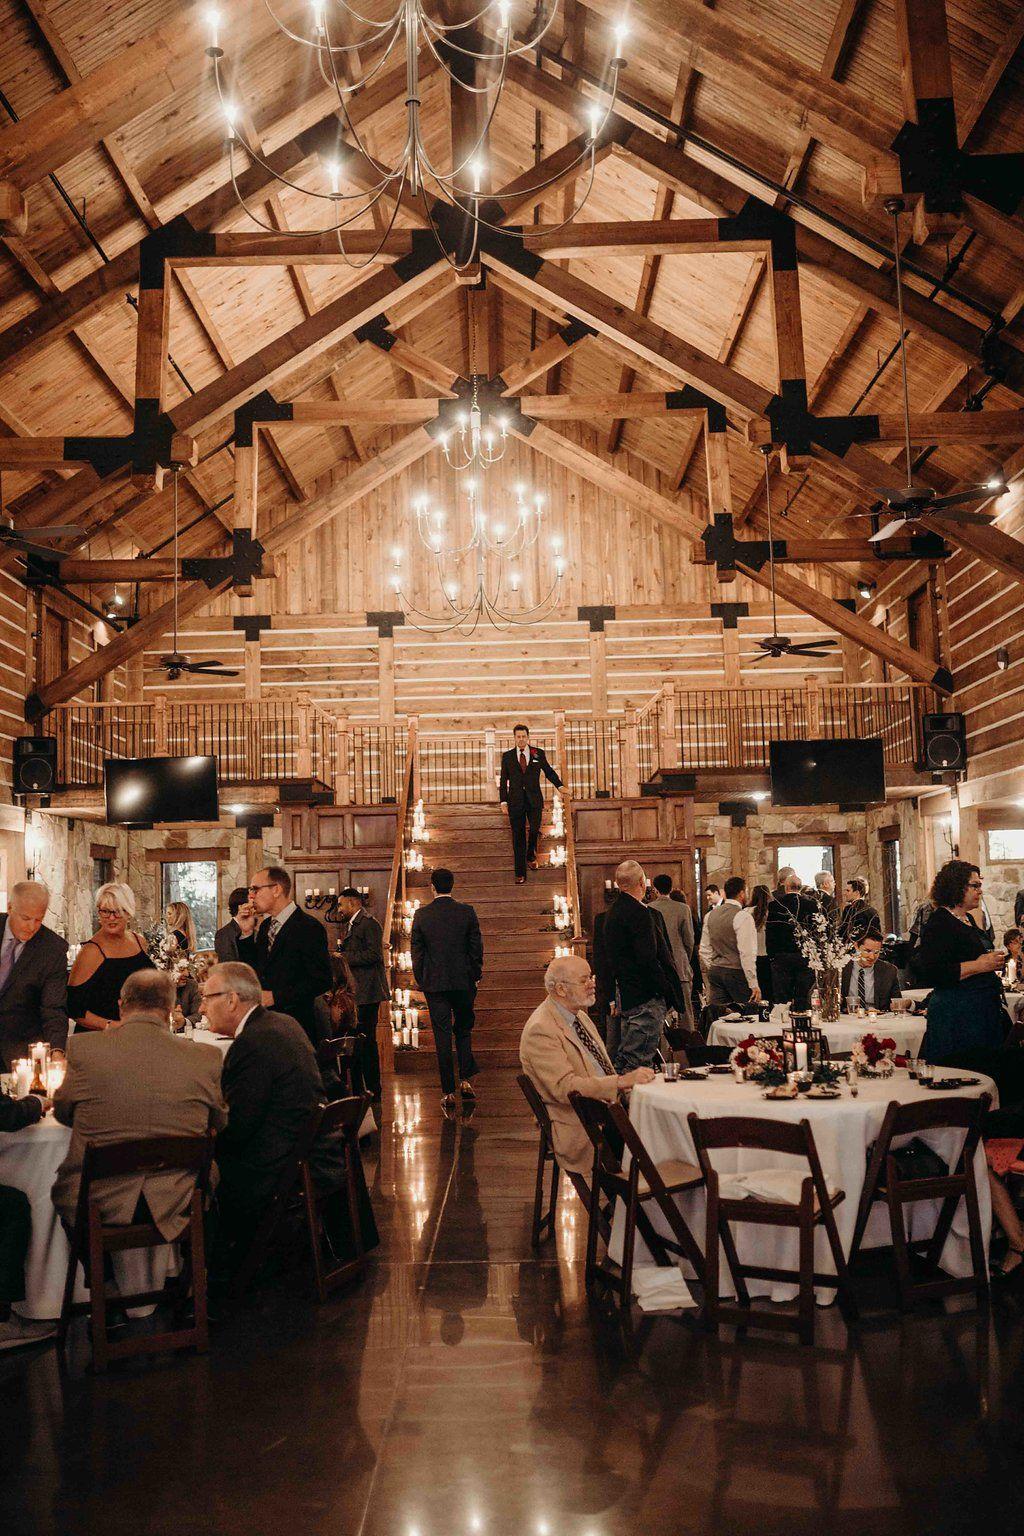 Lodge Wedding Venue Style Destination Wedding Venue Best Wedding Venues In The Wo Virginia Wedding Venues Mountain Wedding Venues Southern Wedding Venues